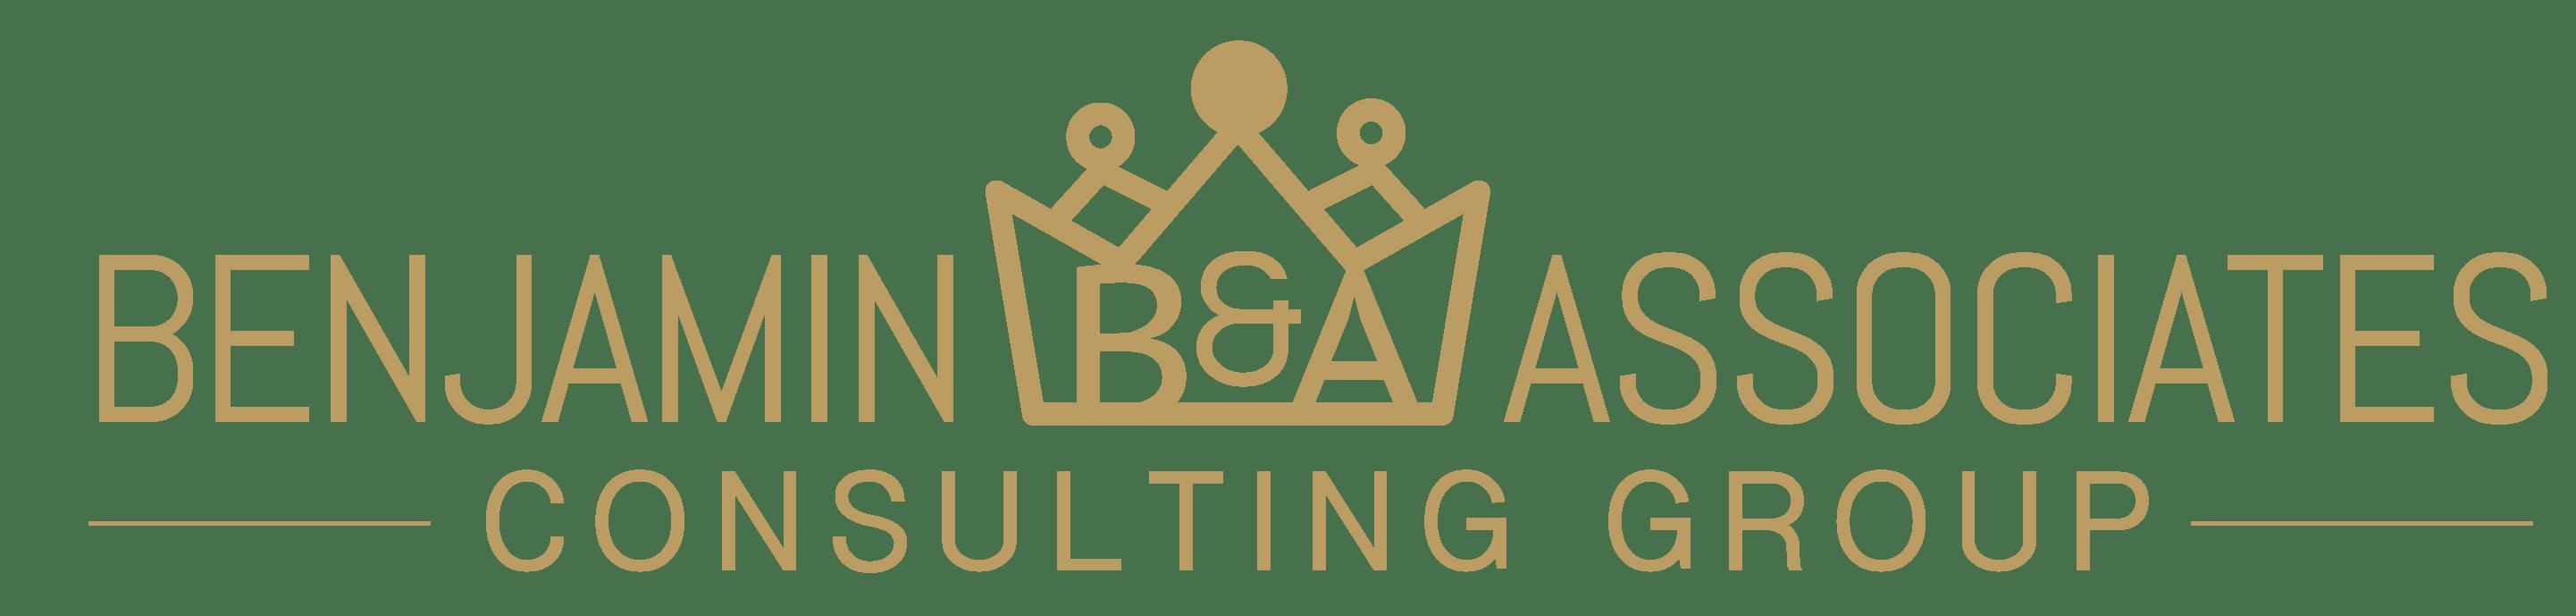 Benjamin & Associates Consulting Group